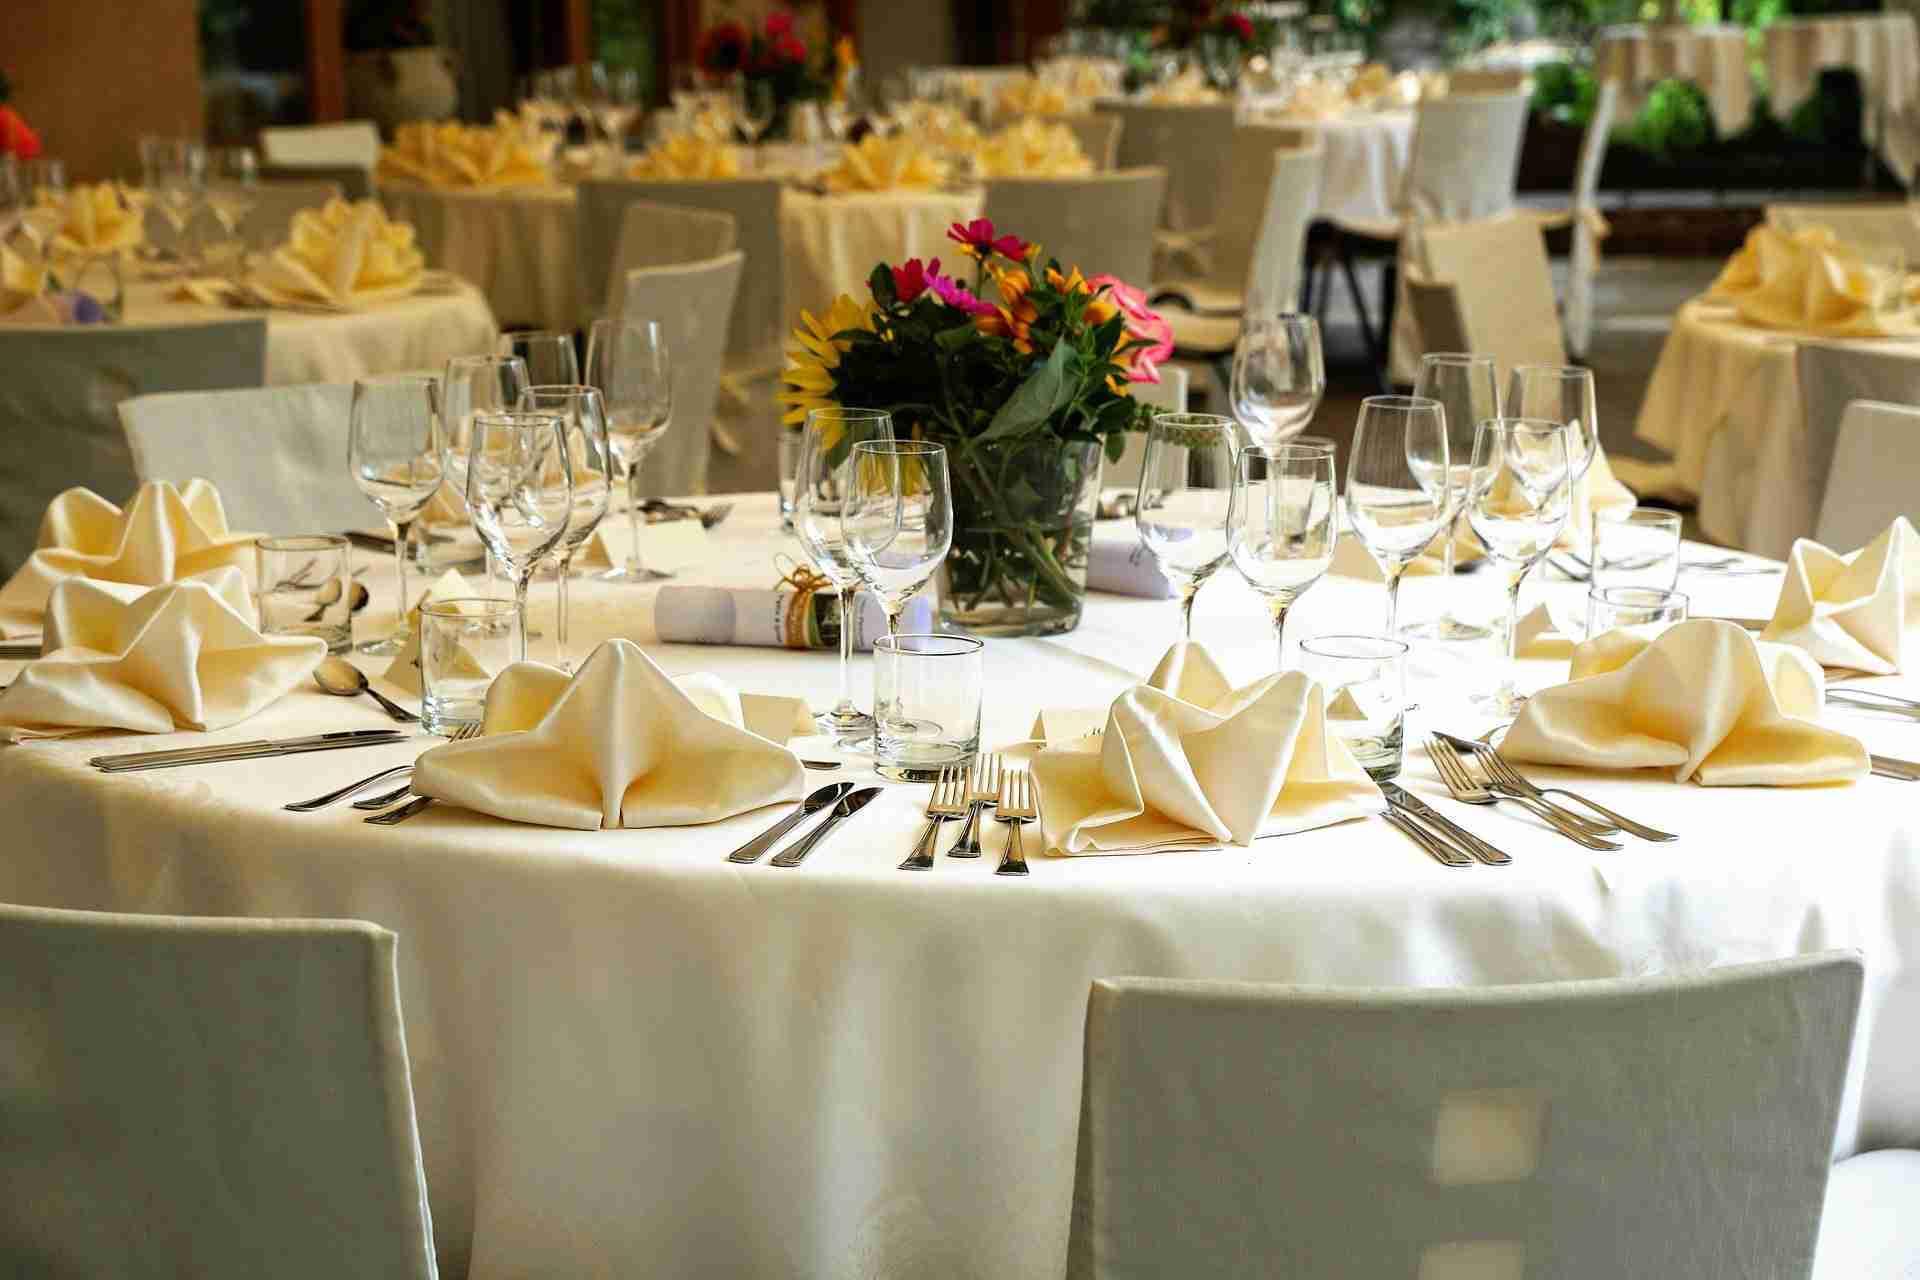 Spring Banquet